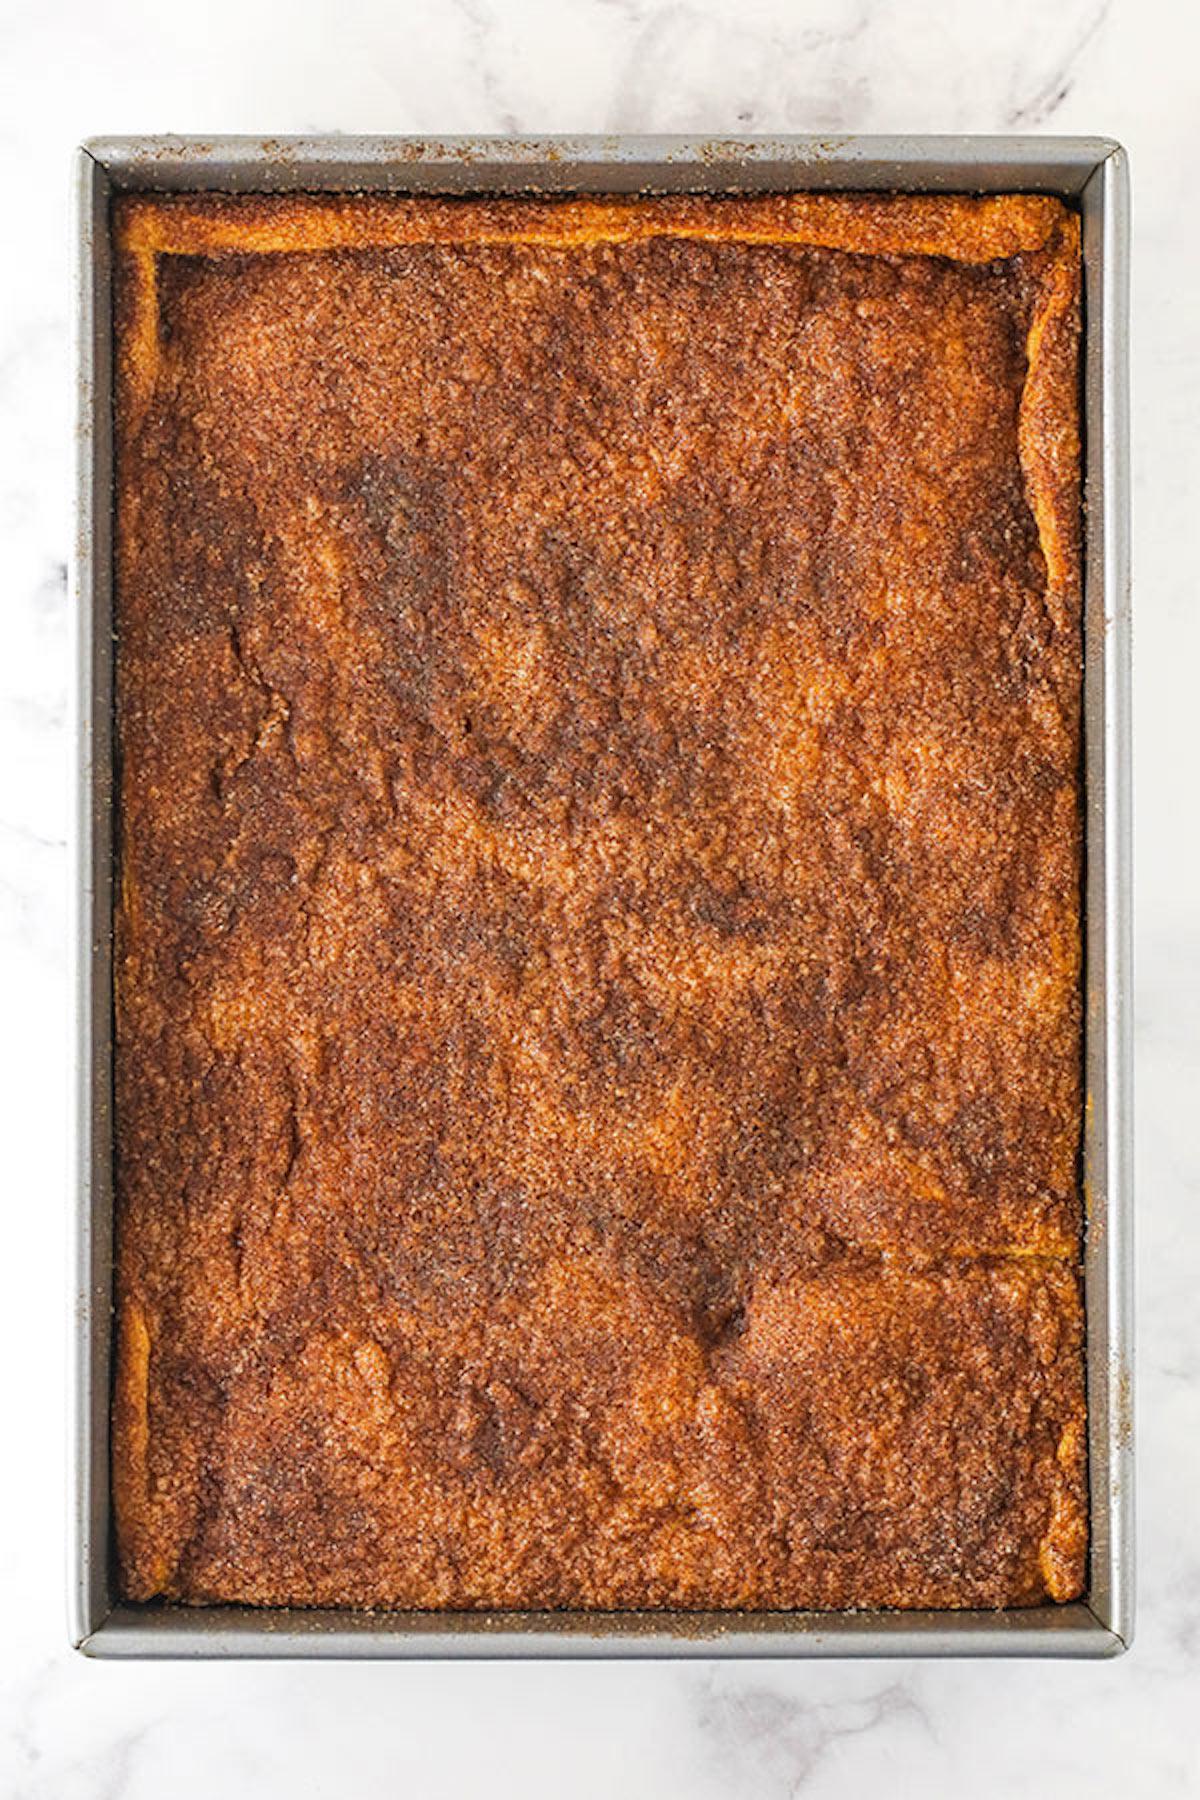 A Bird's Eye View of a Pan of Sopapilla Cheesecake Bars